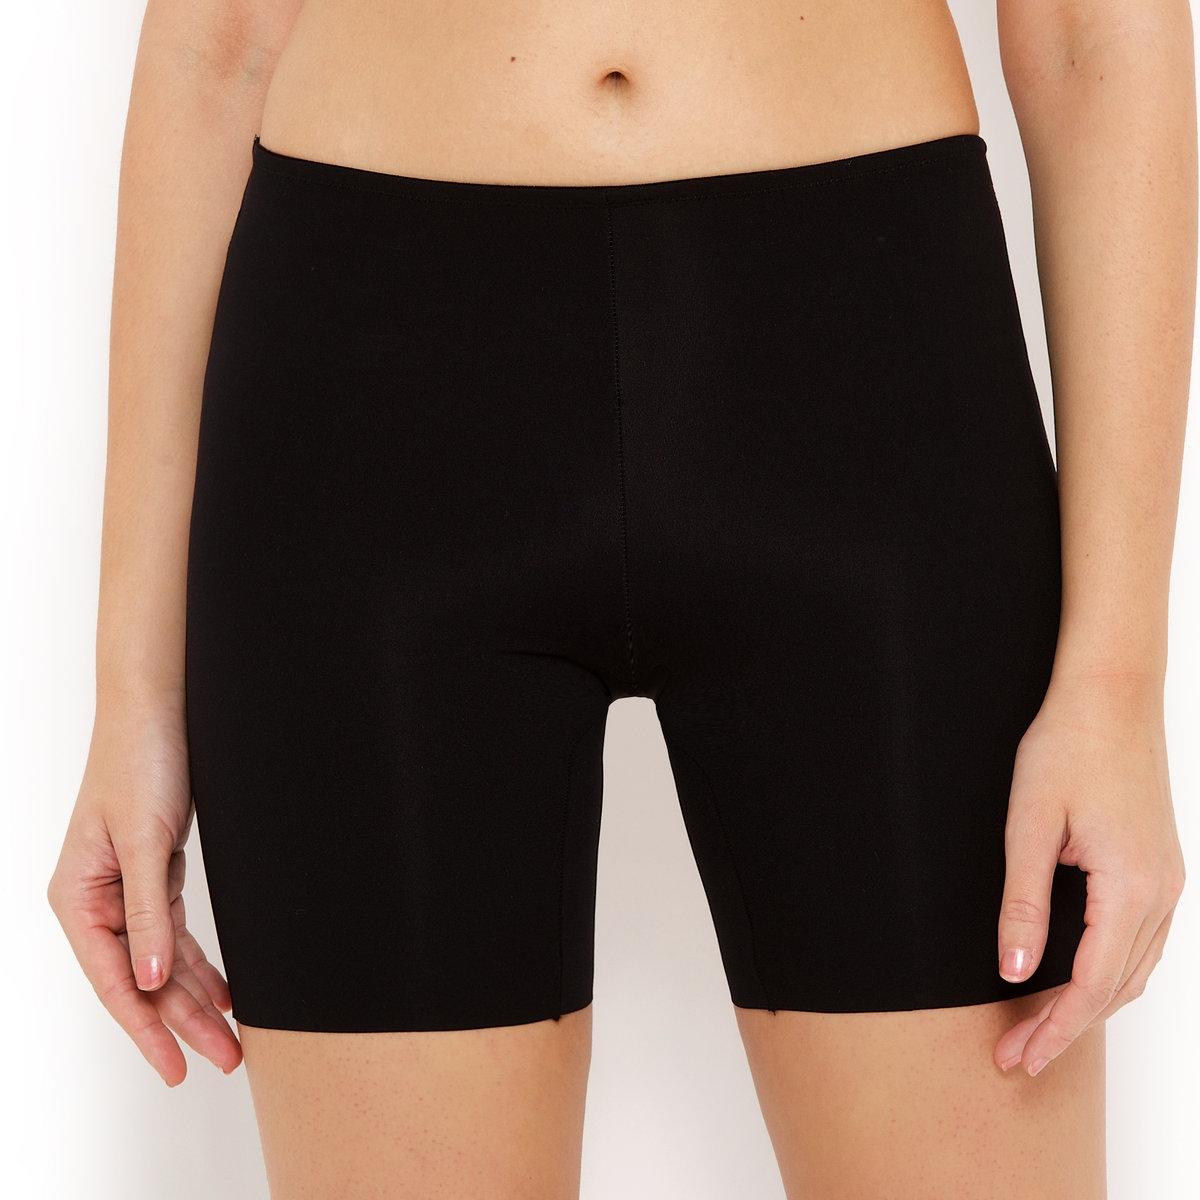 R-Essentiel-Donna-Panty-Modellante-Sublimite